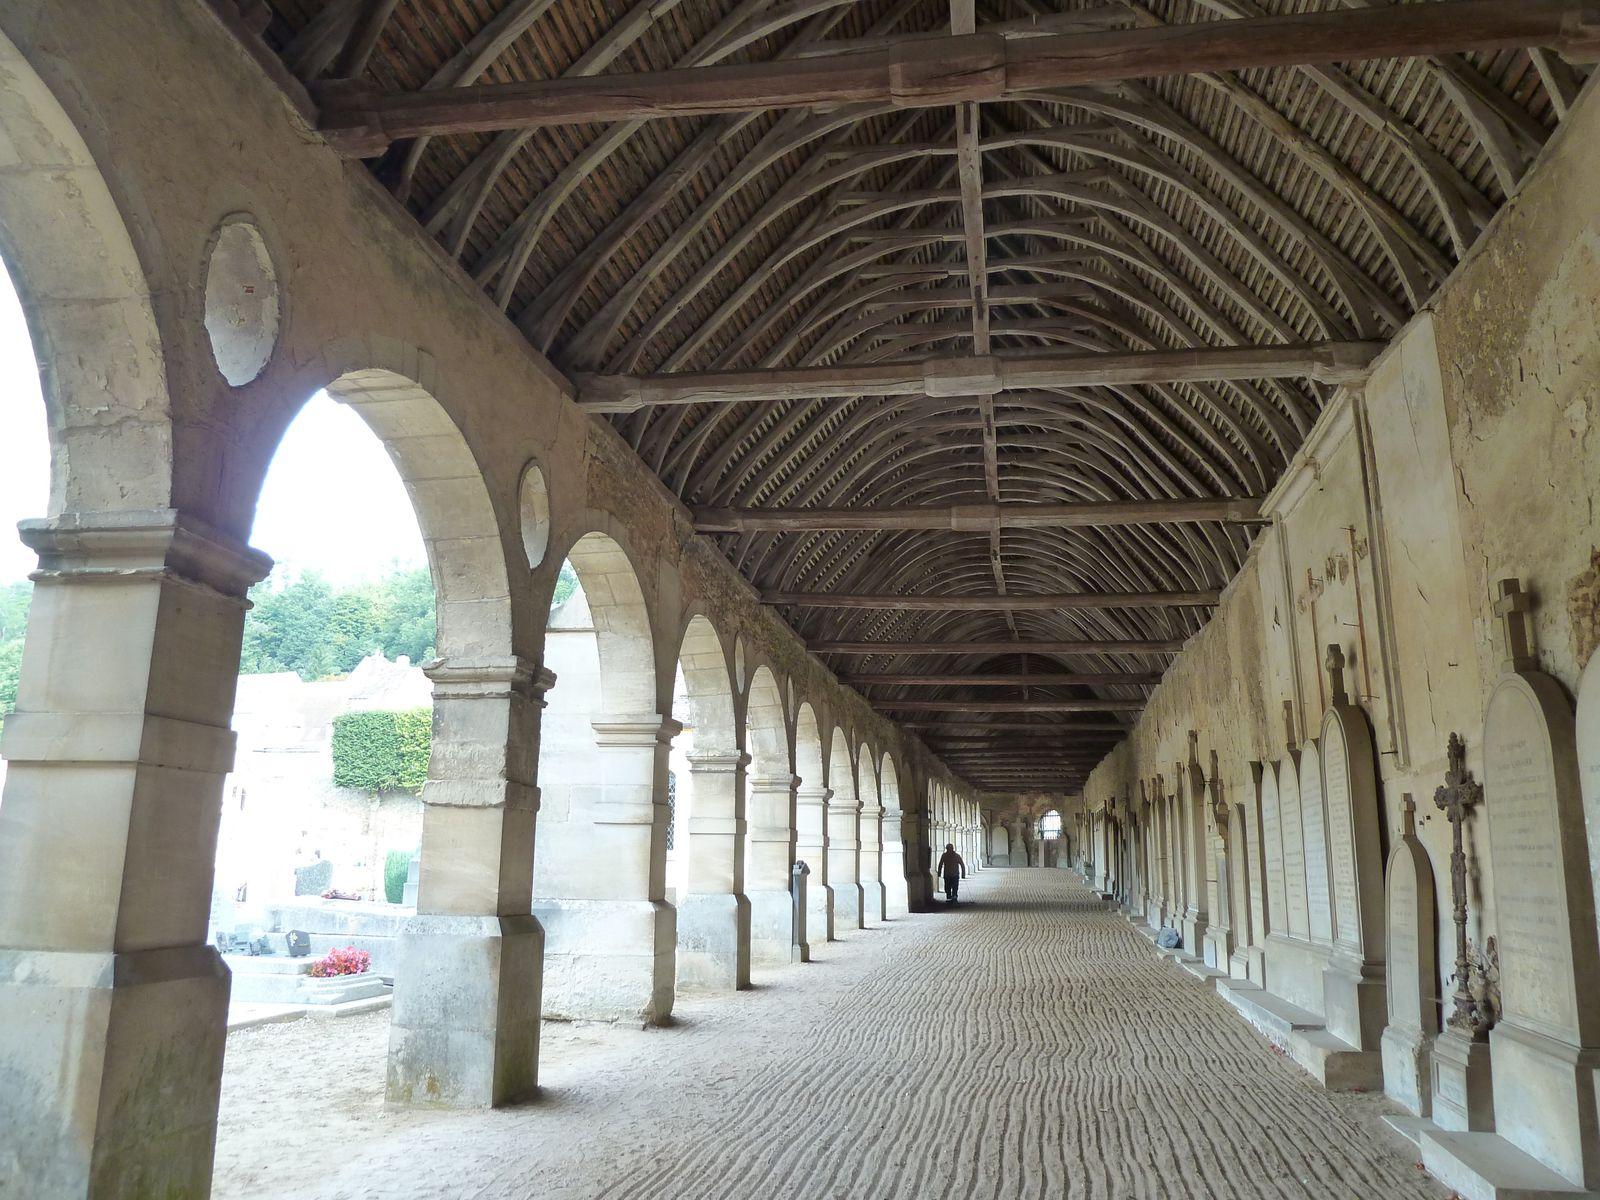 Les piliers de brique supportent les solives qui étaient destinées à supporter ,des planches sur lesquelles étaient entassés les ossements des morts qui avaient été enterrés à même la terre, s'où le noim de charnier.